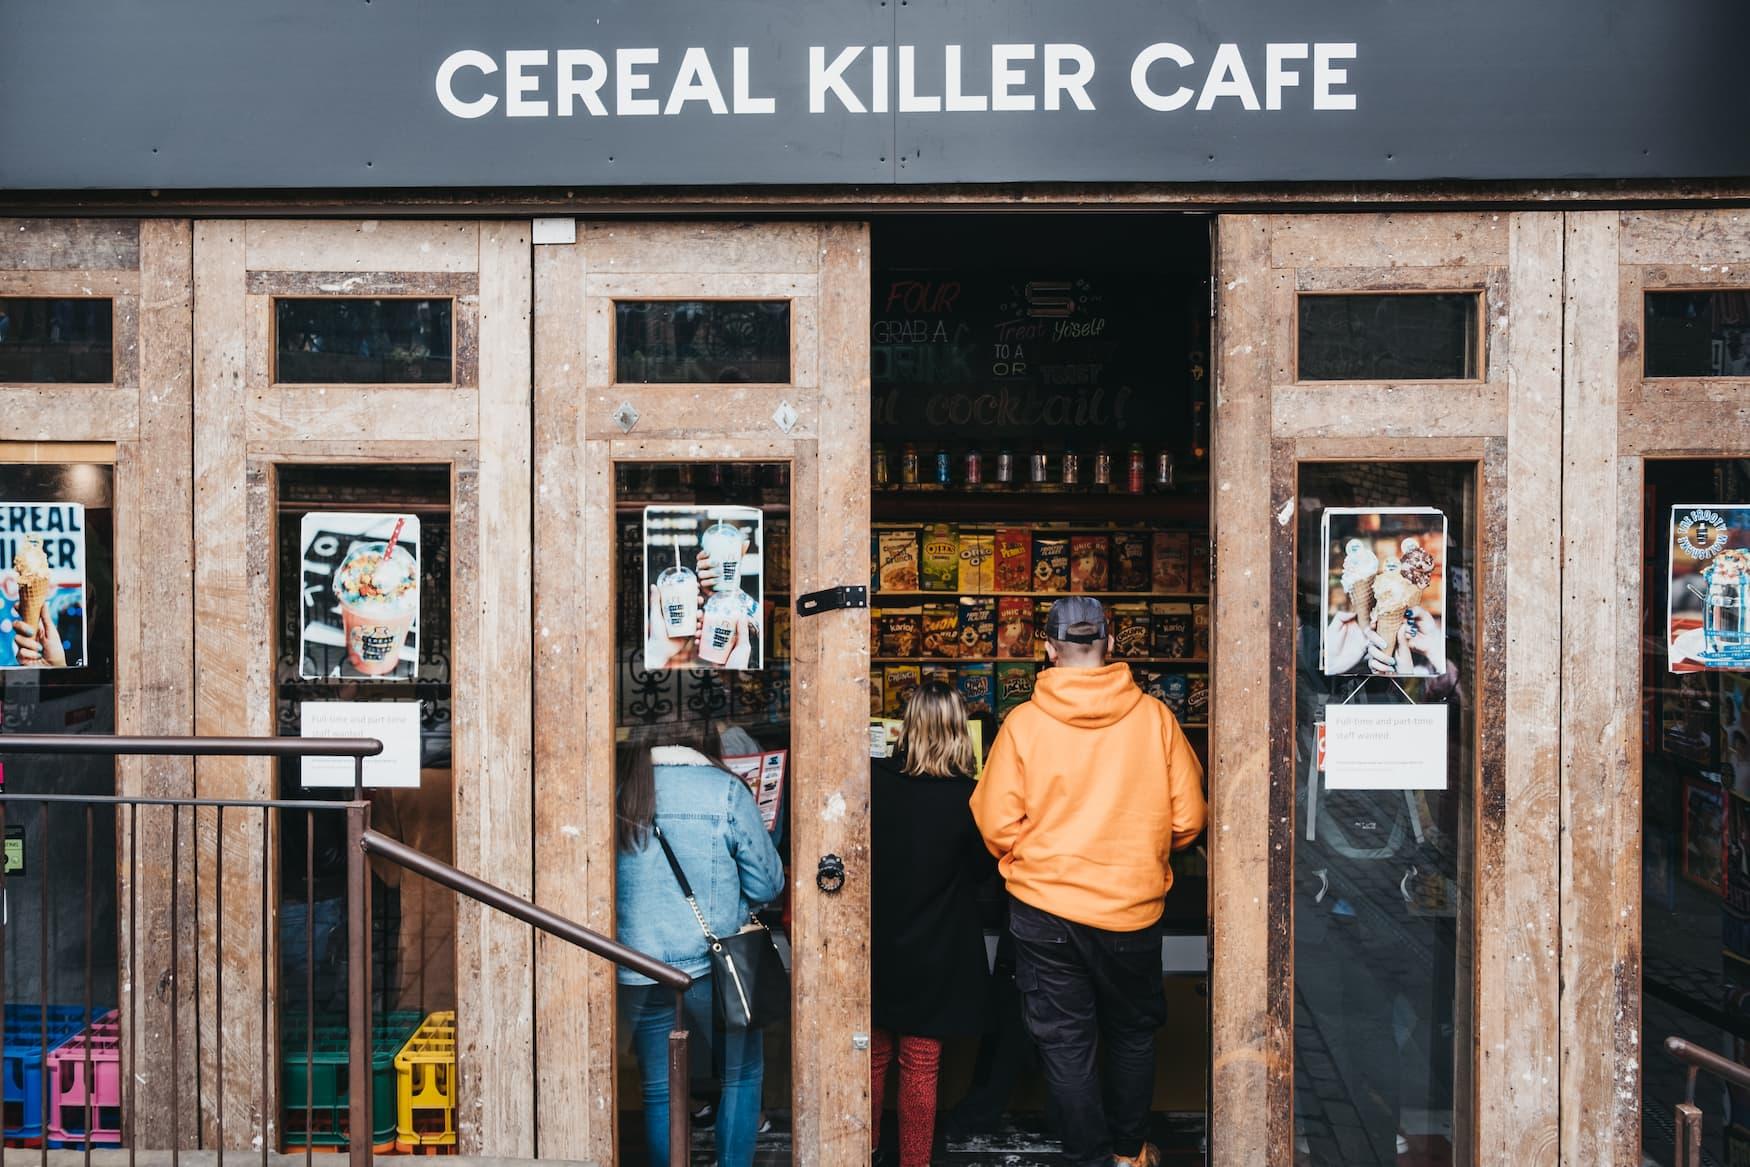 Eingang des Cereal Killer Cafes in London